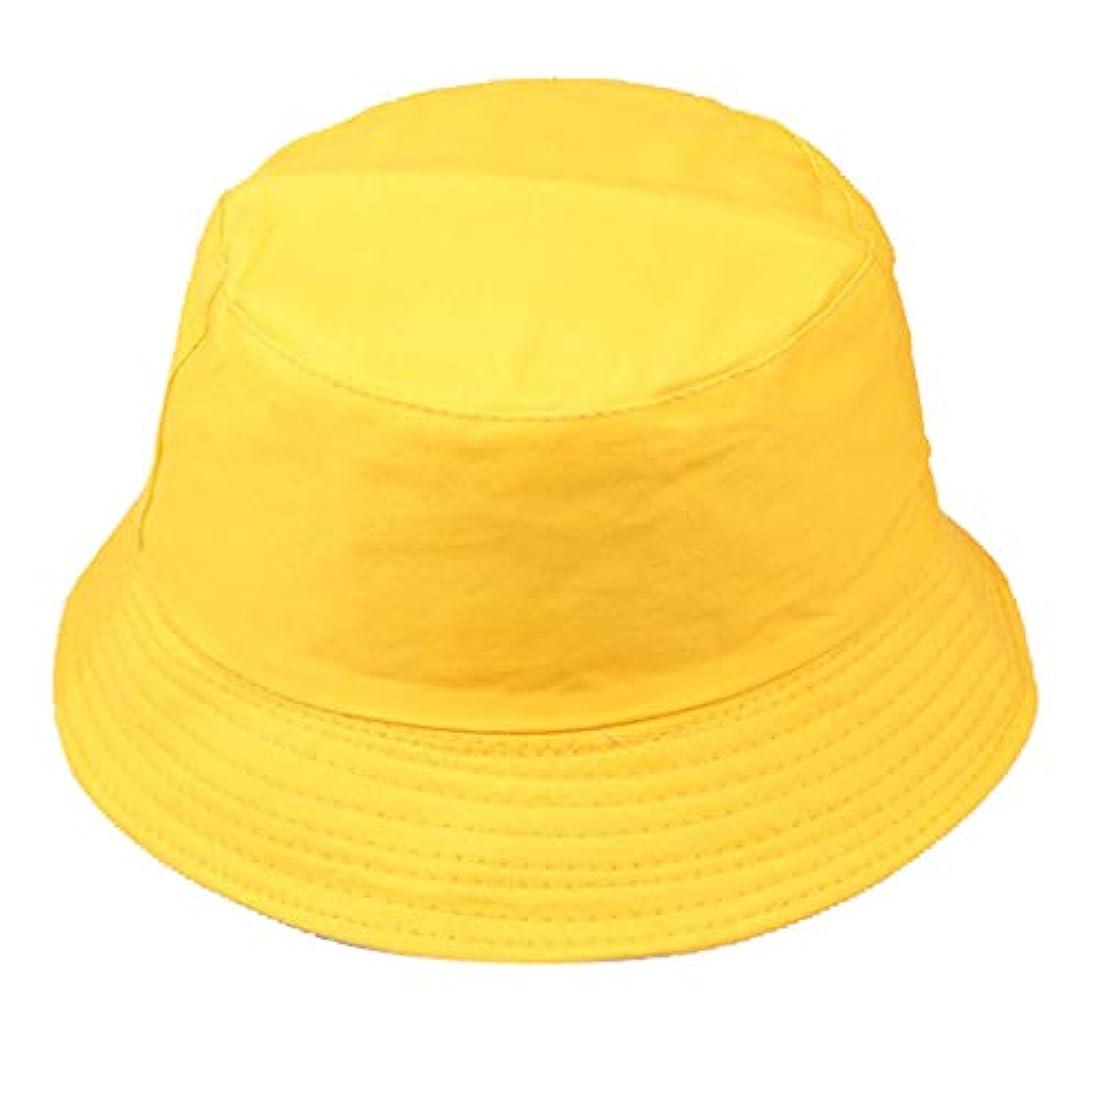 調停する兄弟愛ウミウシ帽子 レディース 漁師帽 つば広 UVカット 熱中症 夏 海 紫外線 日除け レディース 帽子 キャップ ハット レディース 漁師の帽子 小顔効果抜群 アウトドア 紫外線対策 日焼け対策 ハット 調整テープ ROSE ROMAN